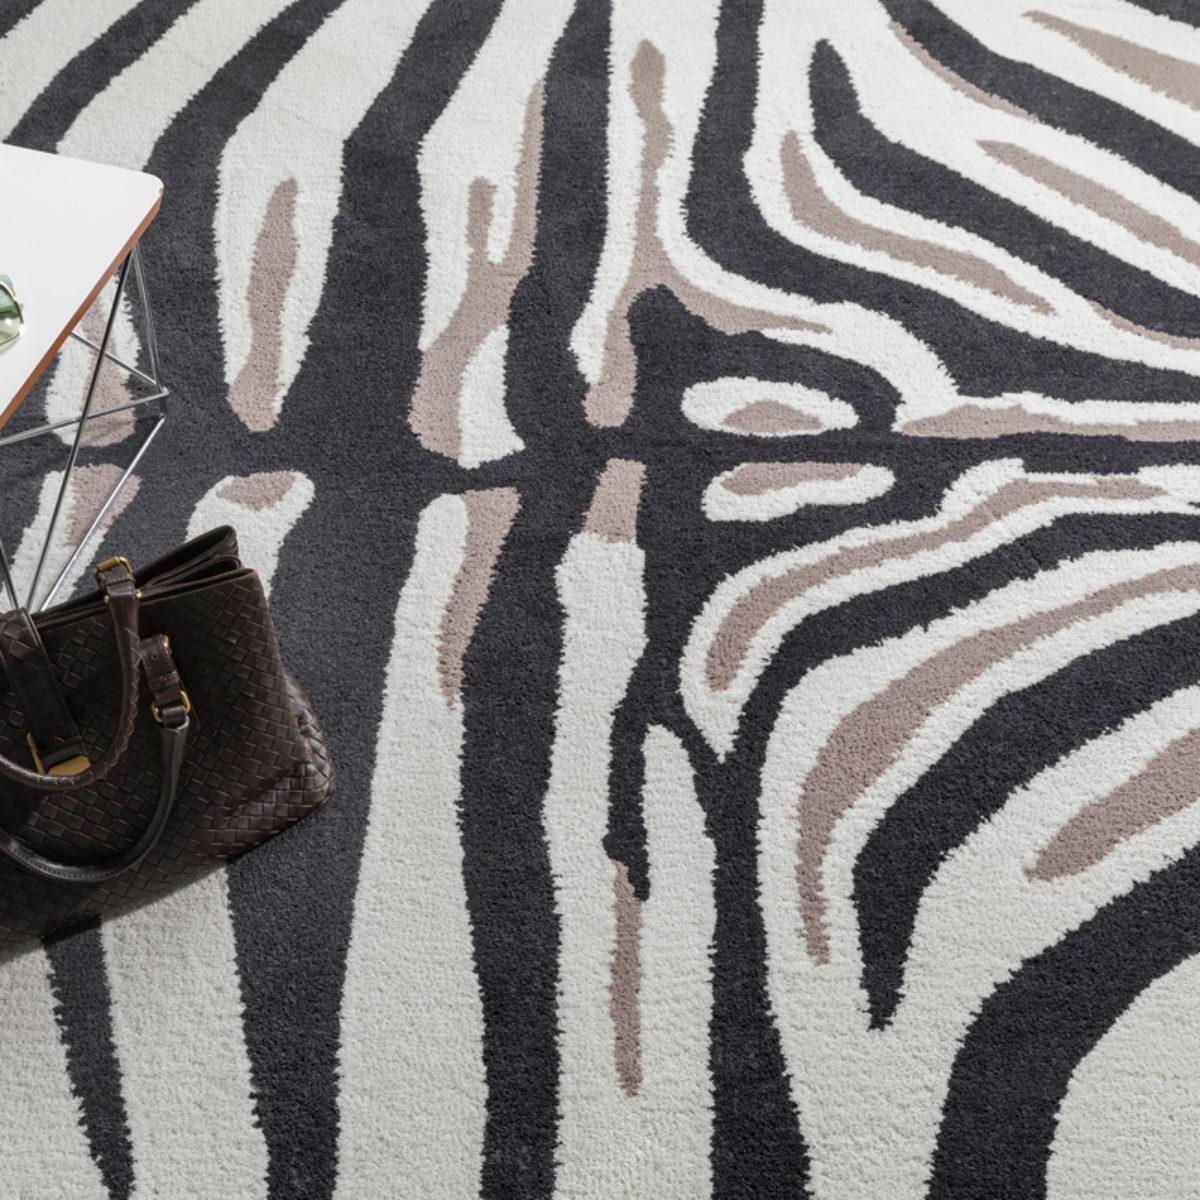 Millenerpoort karpet vloerkleed Zebra